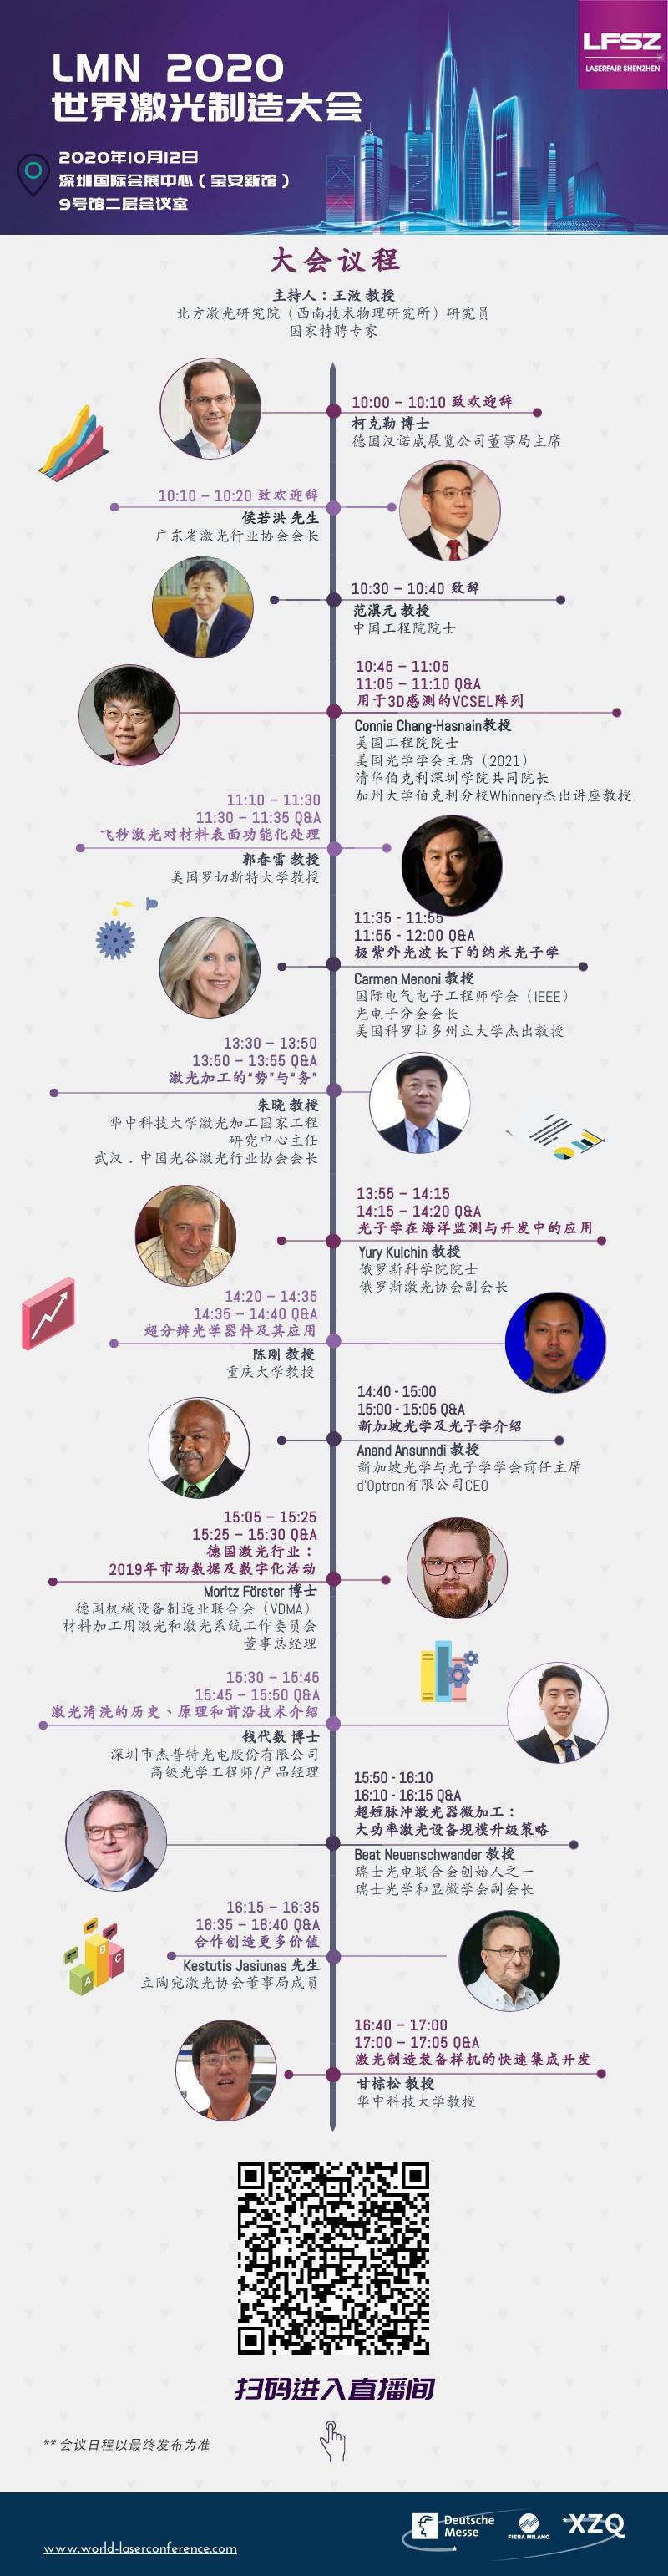 大会议程-中文-QR.jpg